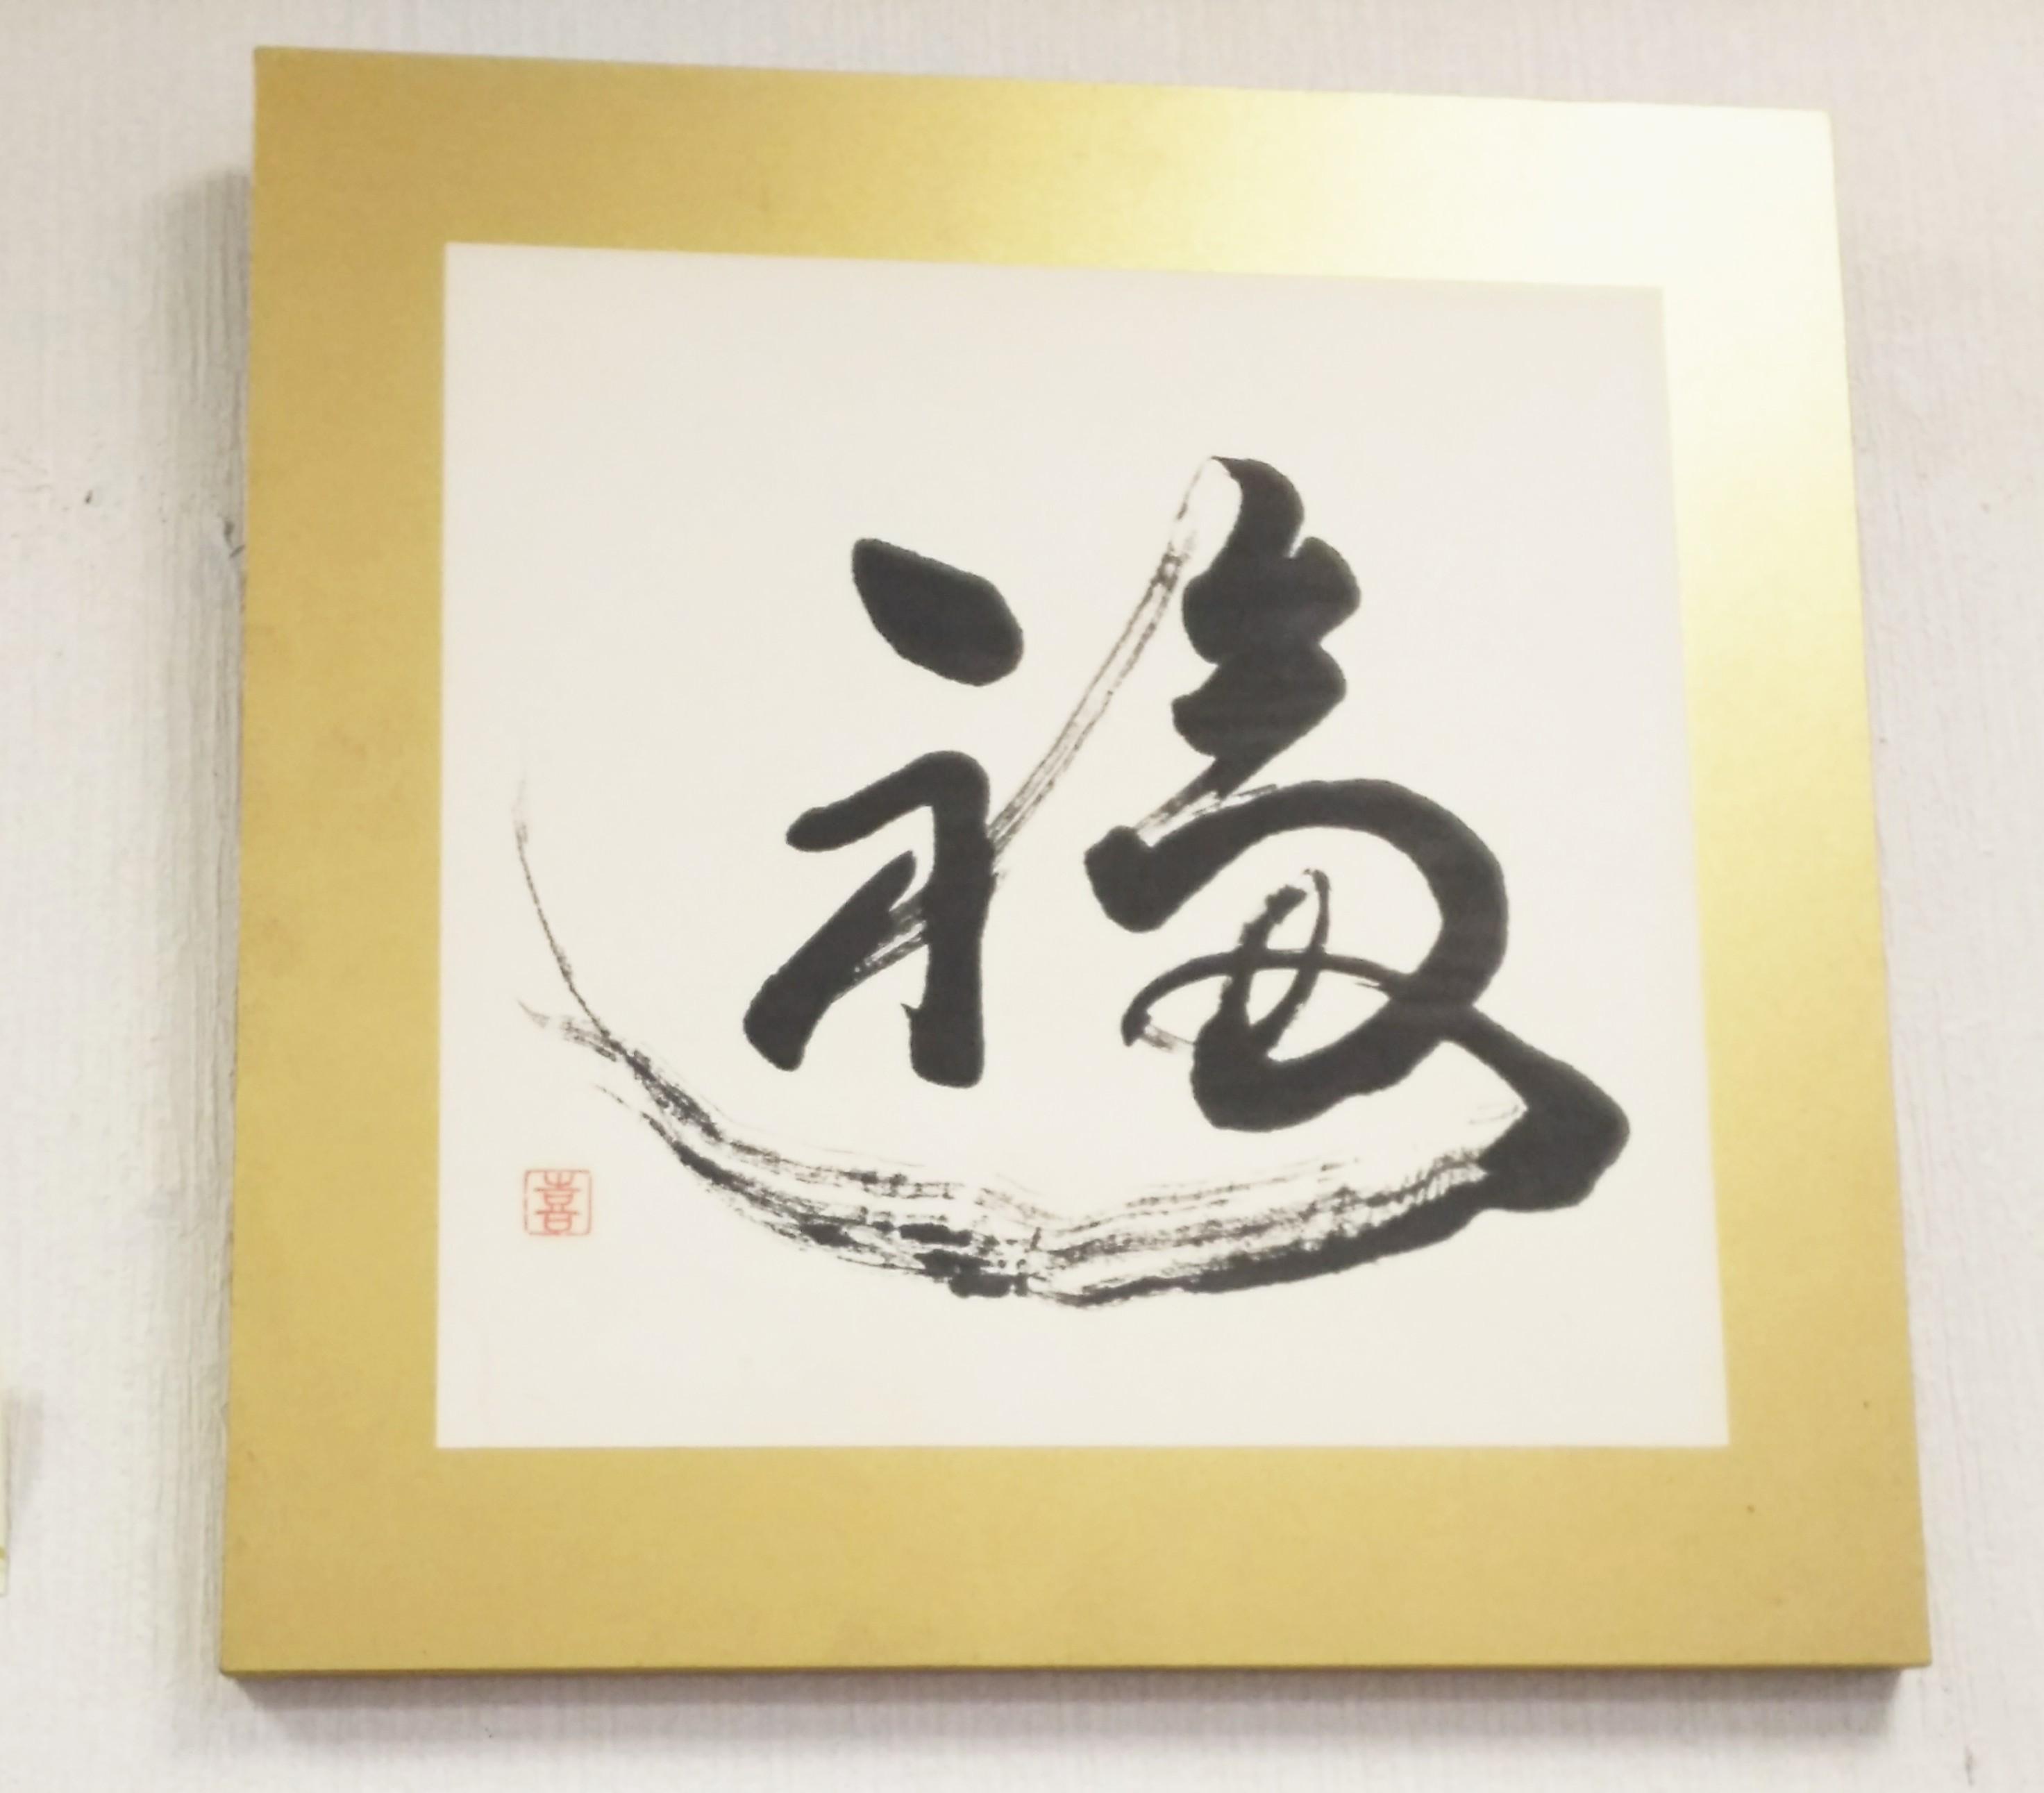 神戸から、文人墨客の書_a0098174_21554524.jpg